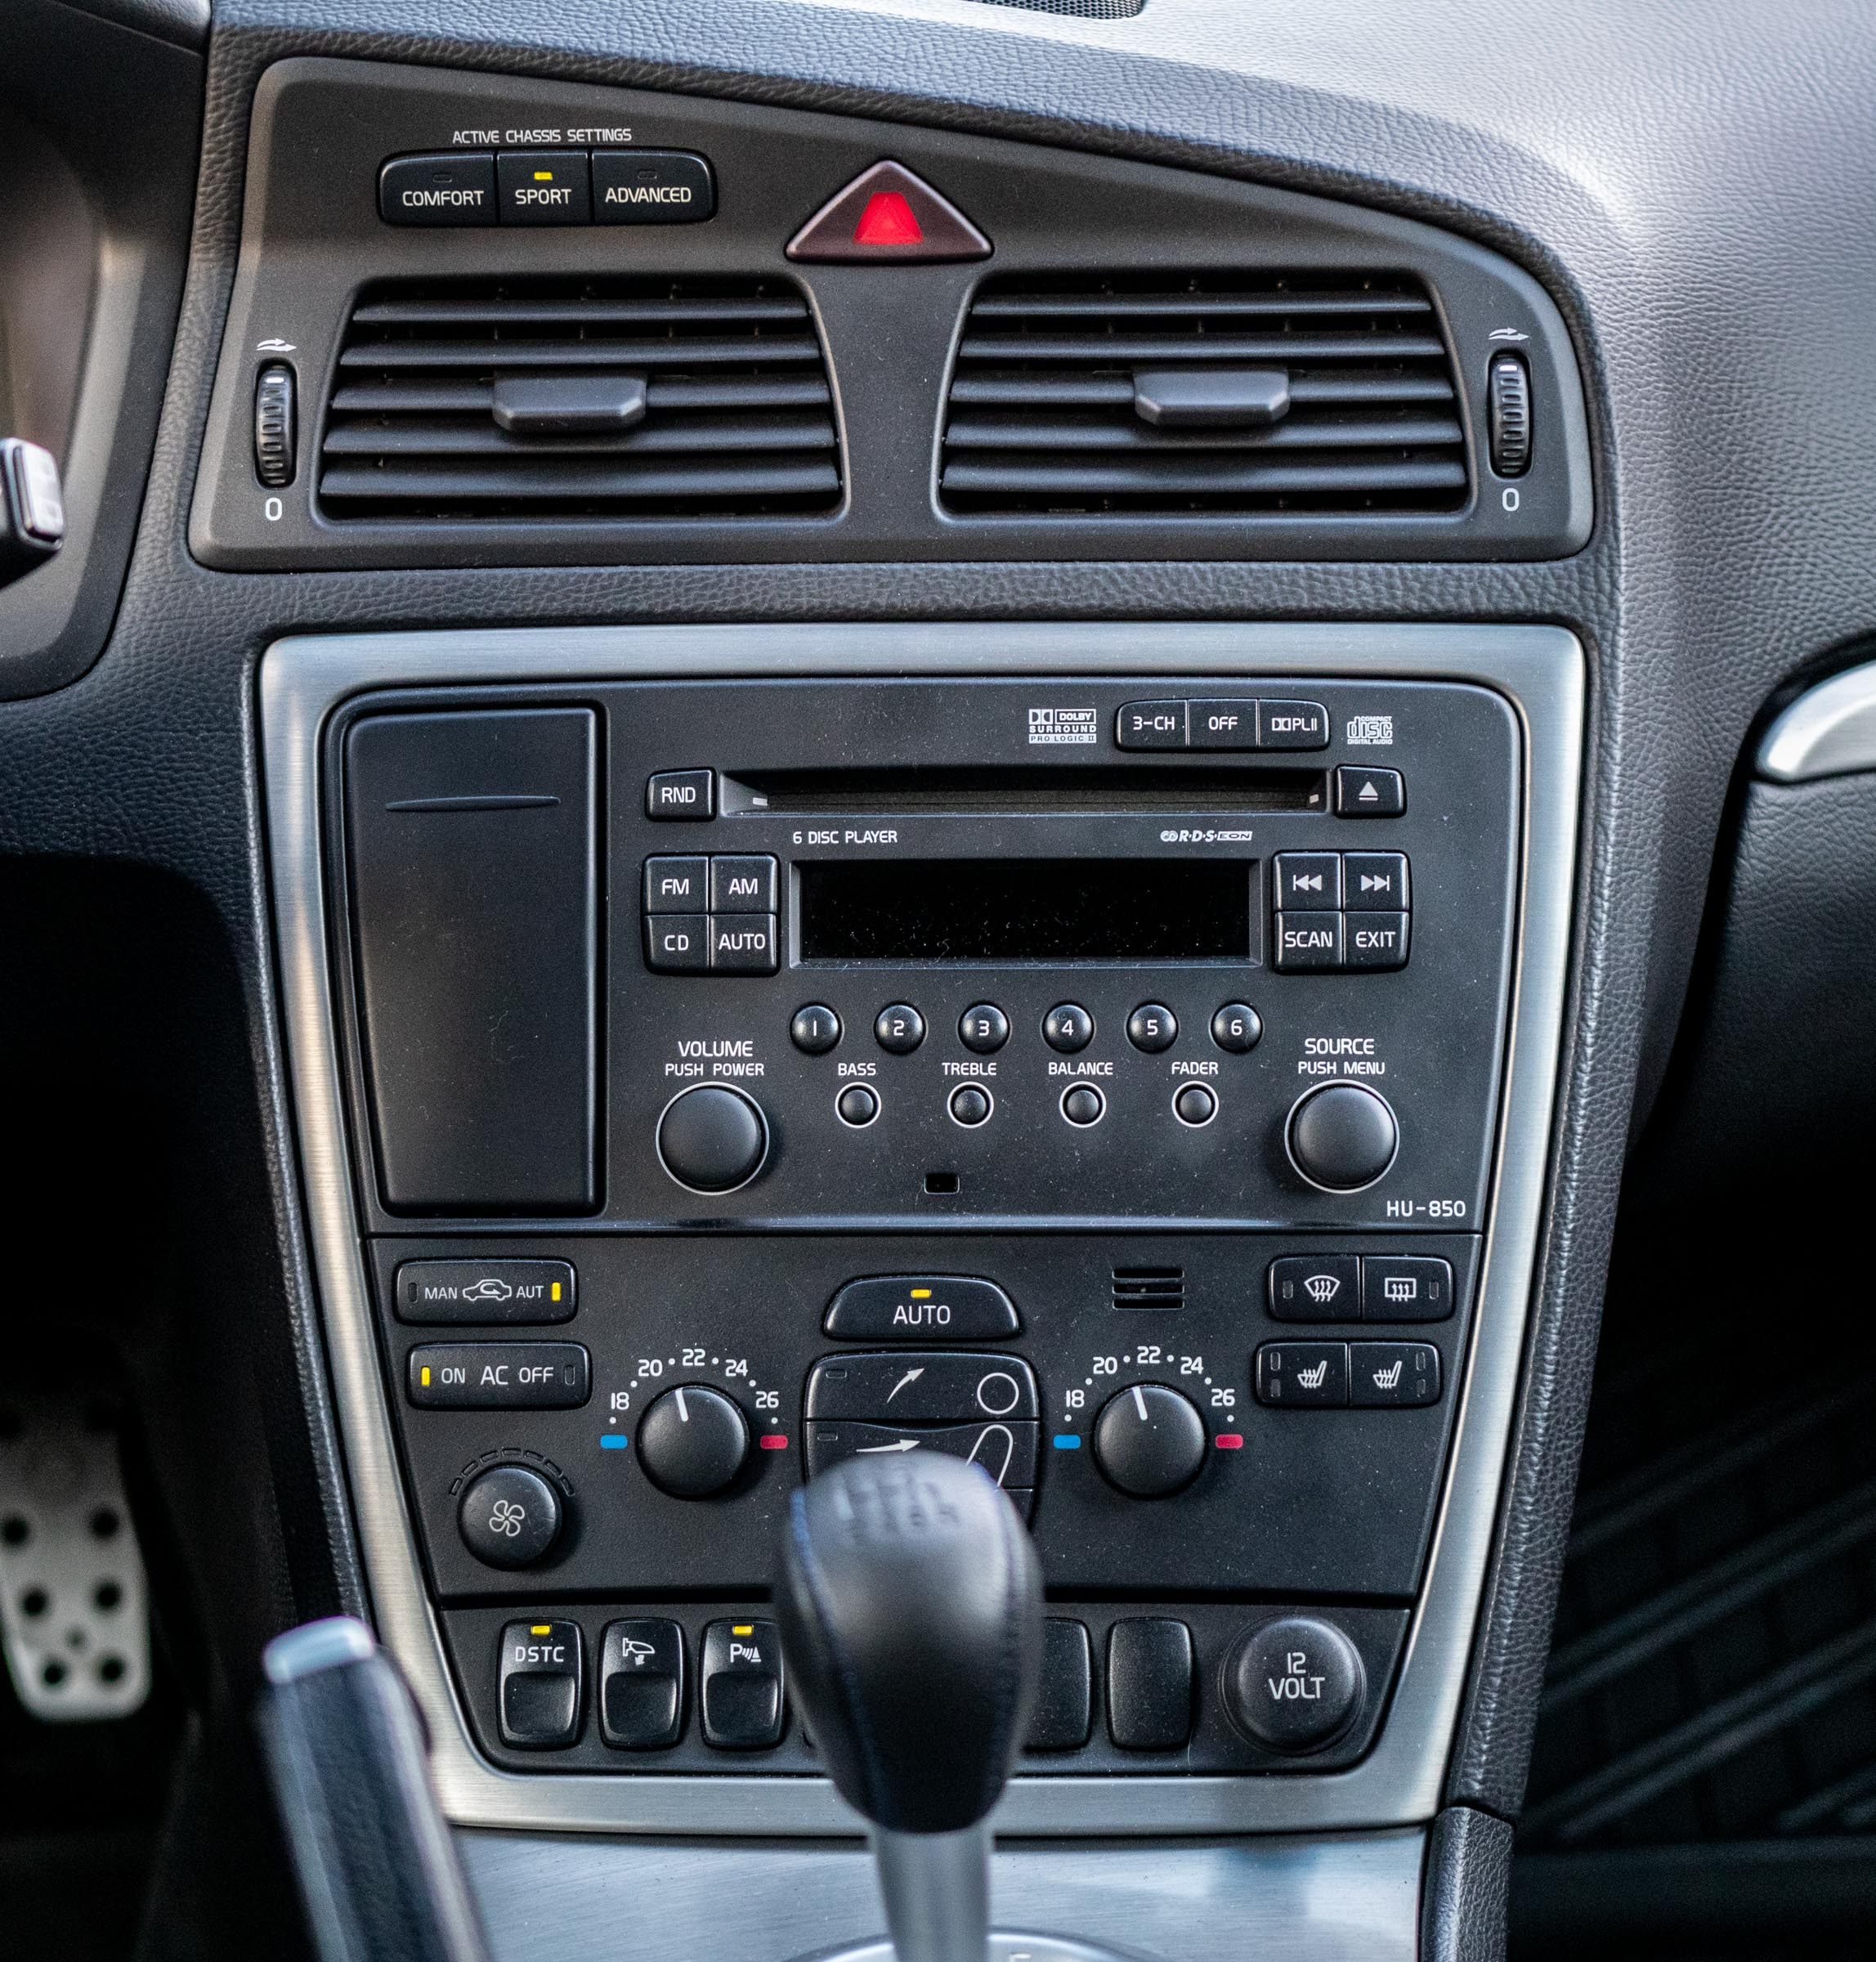 Volvo V70R używane